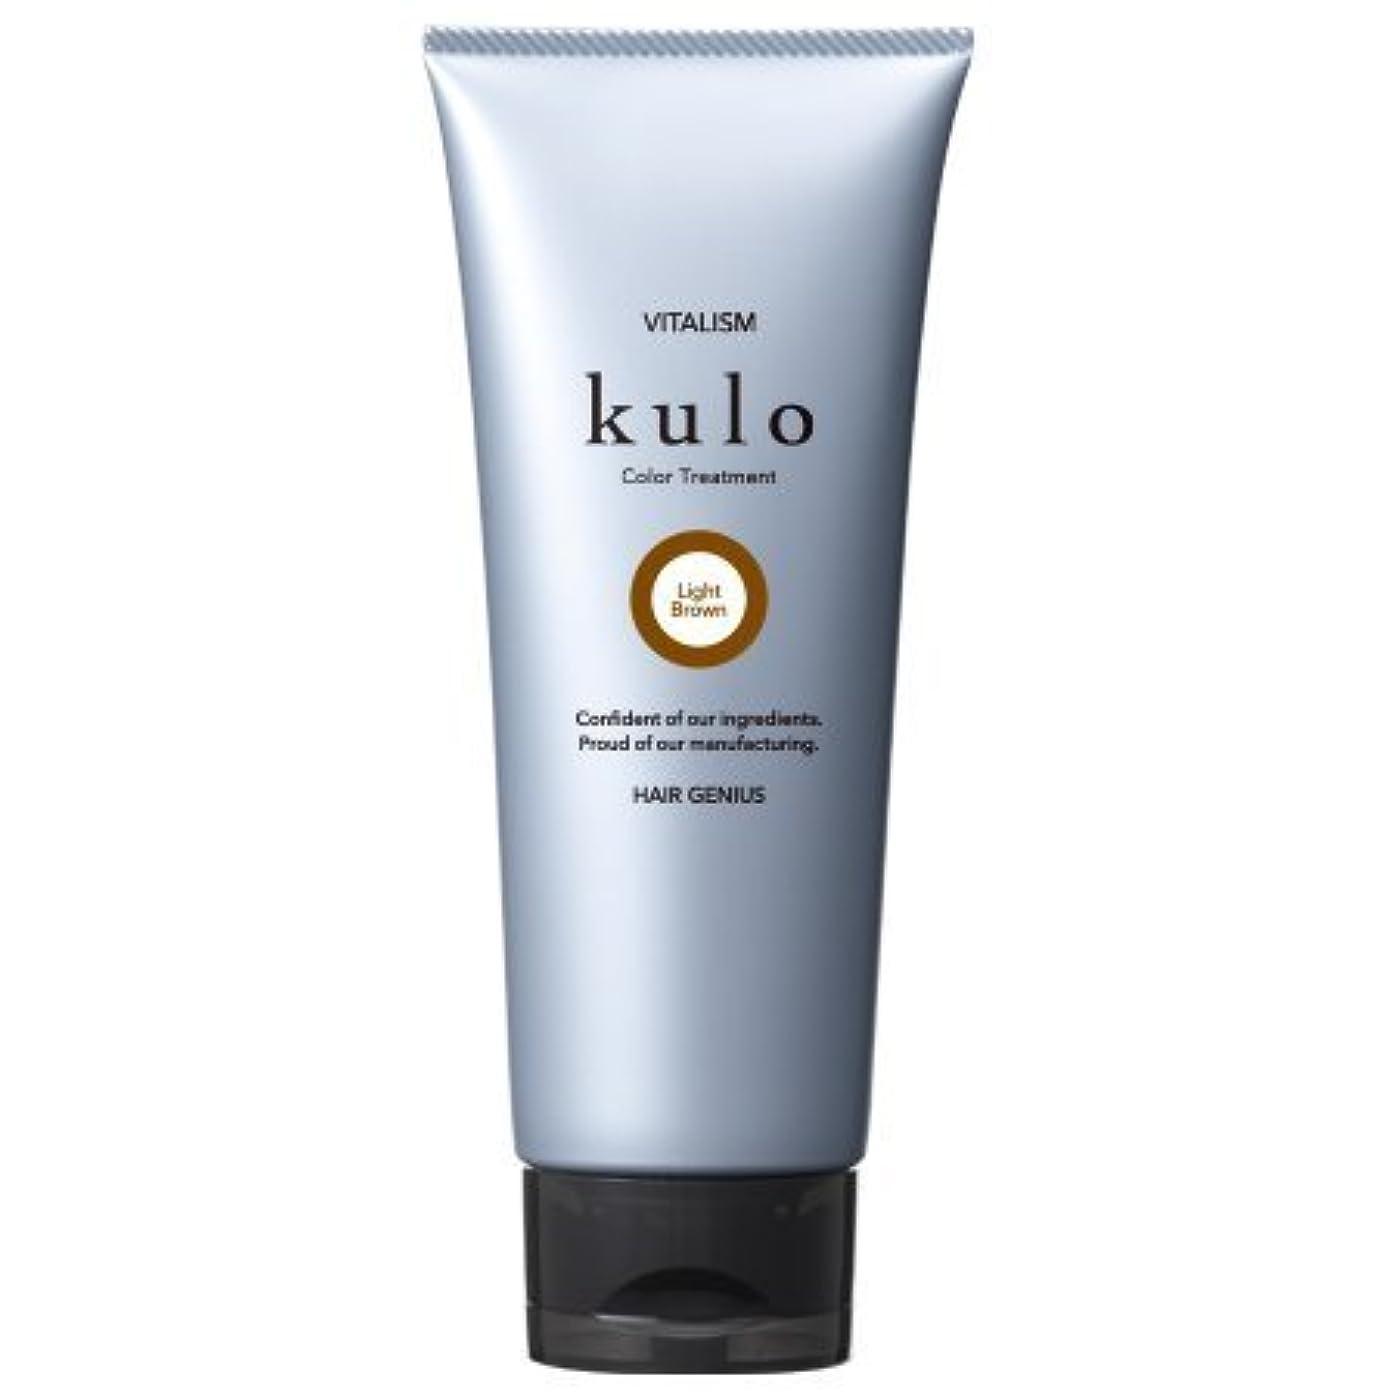 口実乳剤痛いバイタリズム(VITALISM) カラートリートメント kulo (クロ) ライトブラウン 200g